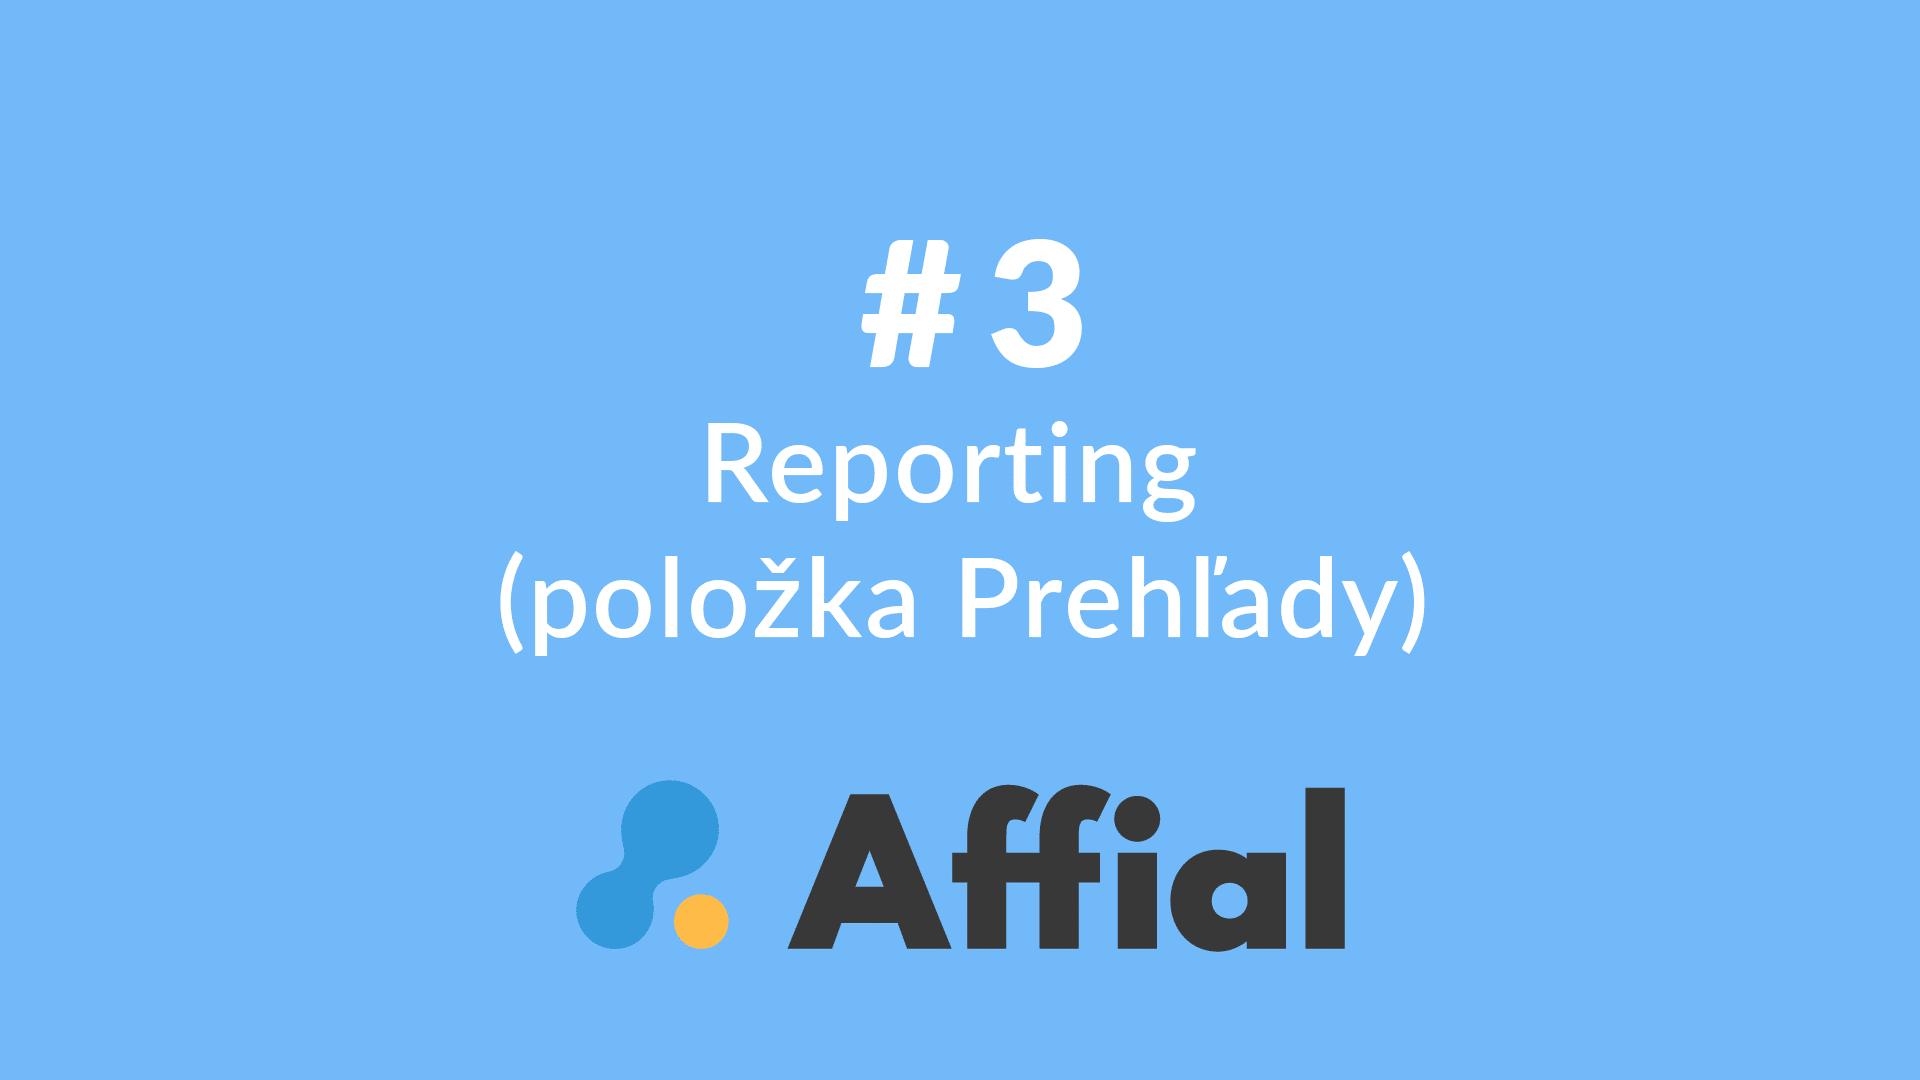 Affial Univerzita 3 - Reporting